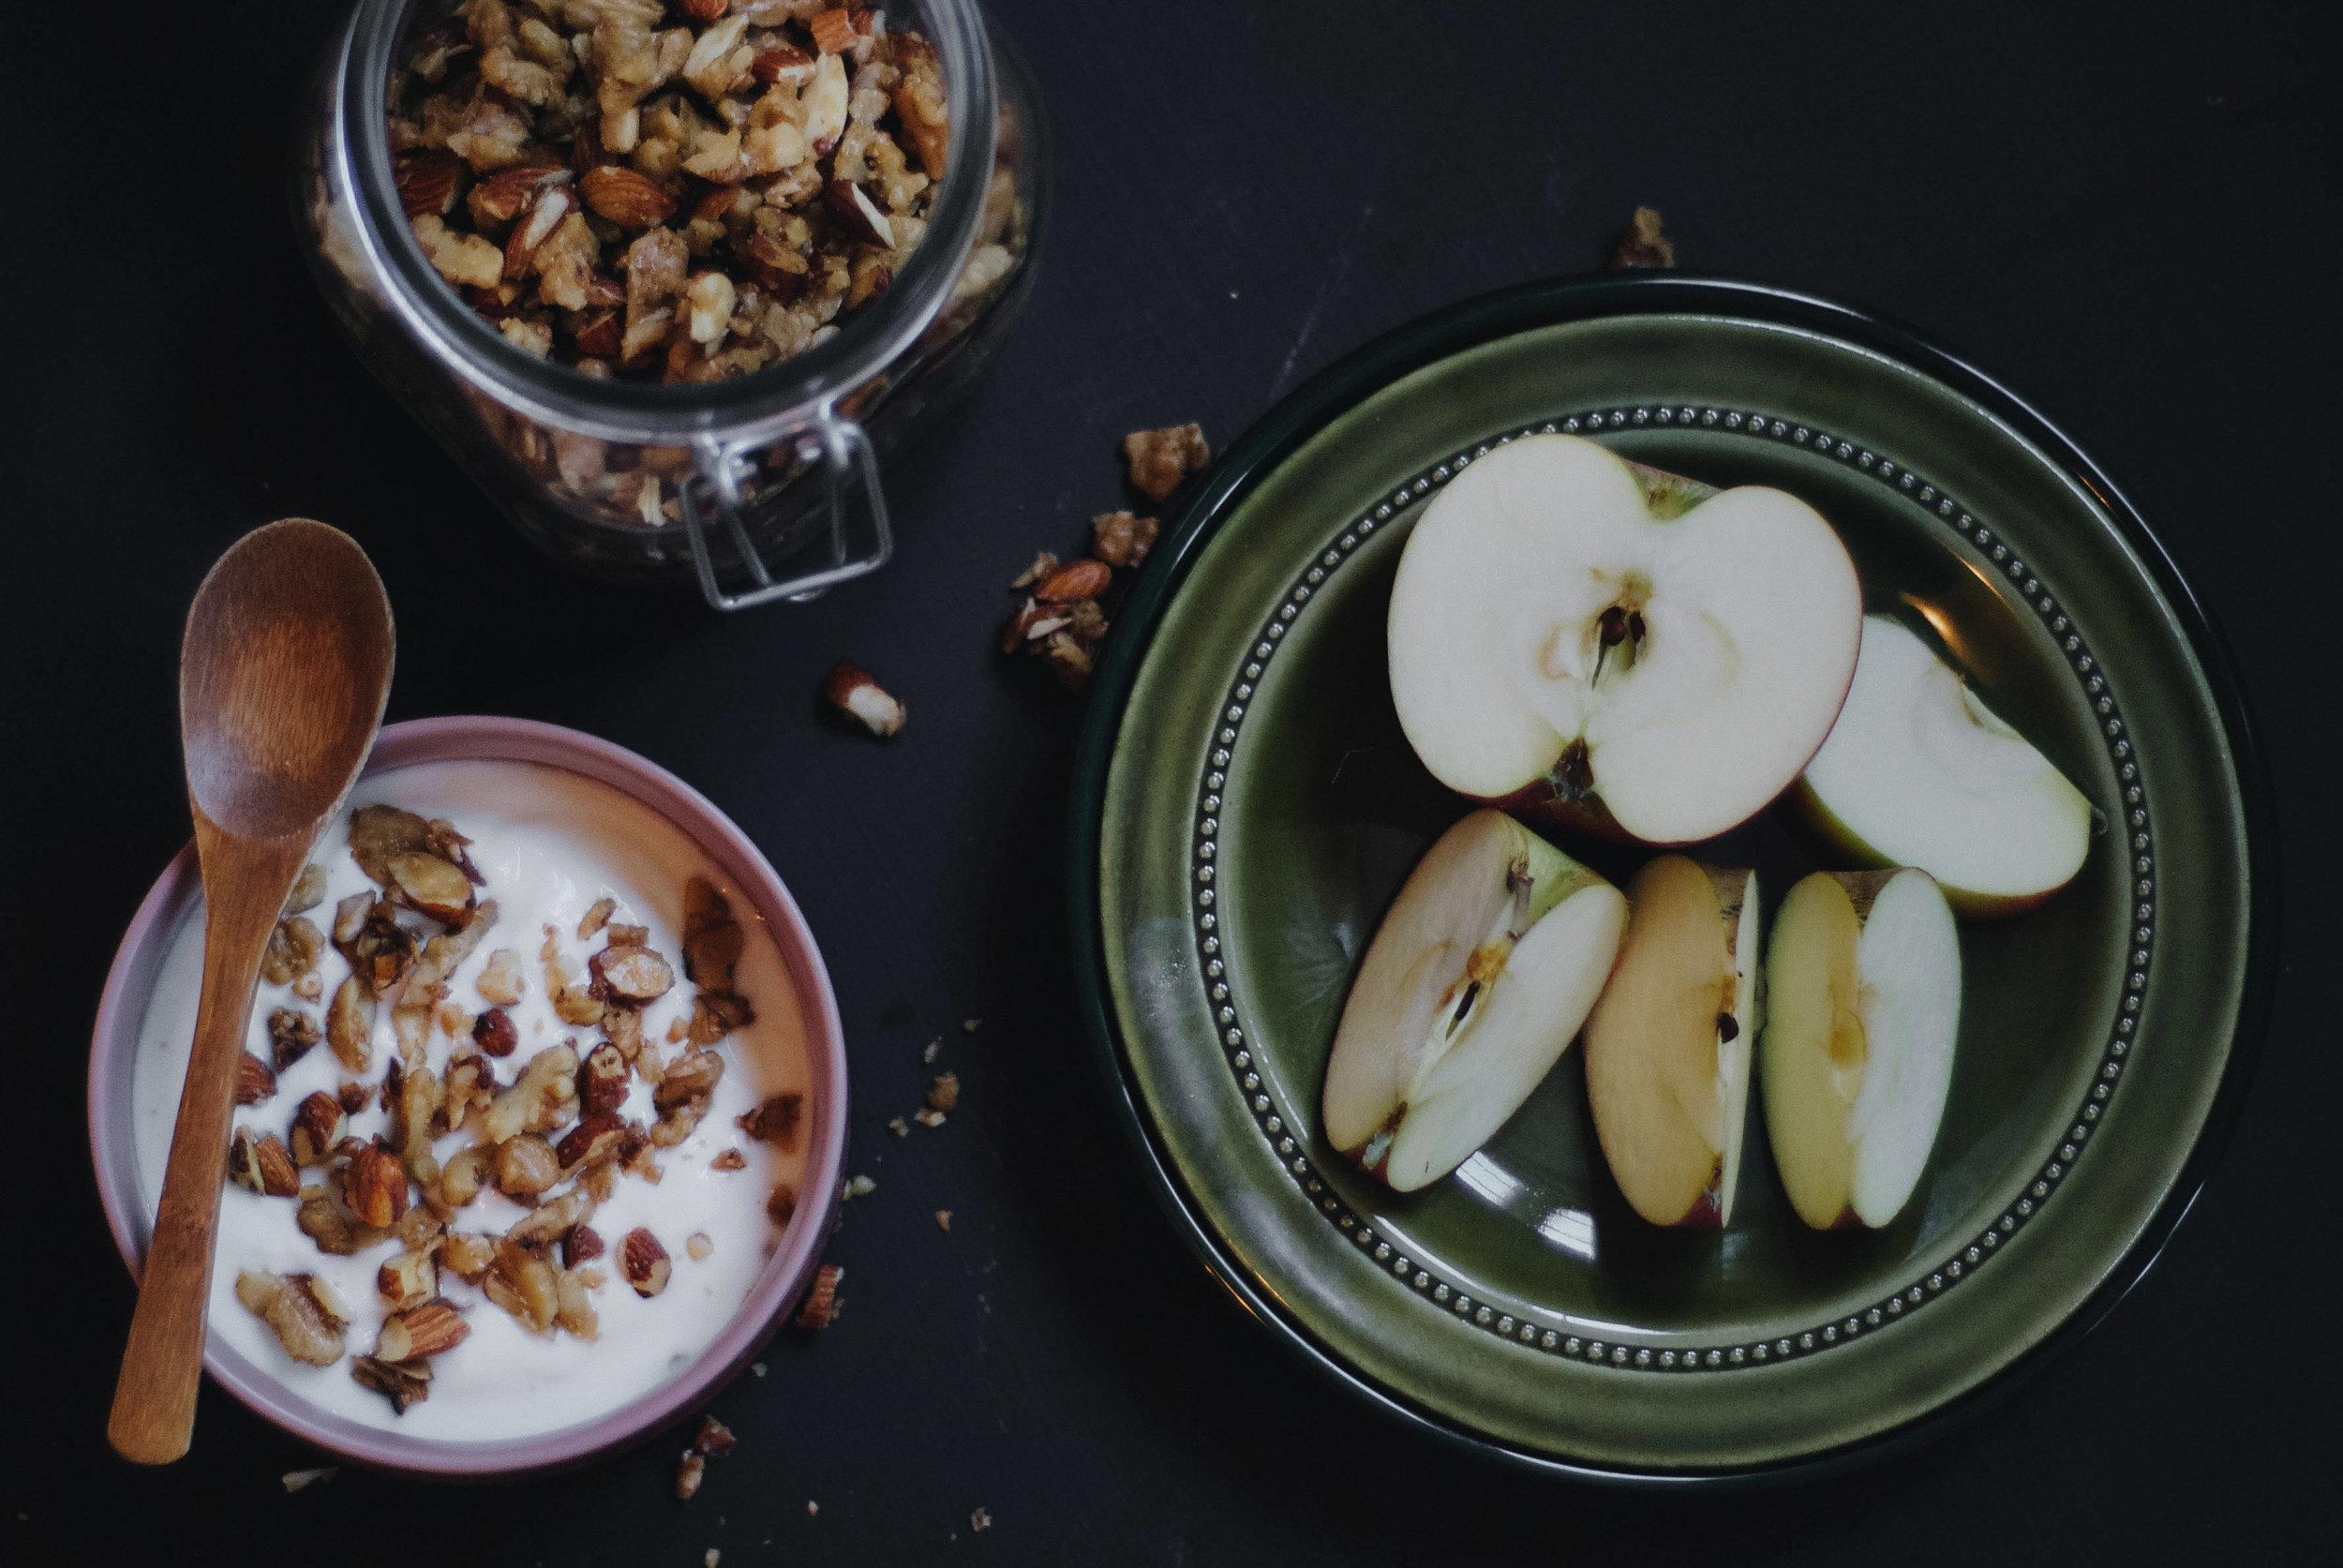 Et fullverdig måltid . Nøtteblanding med yoghurt og eple.